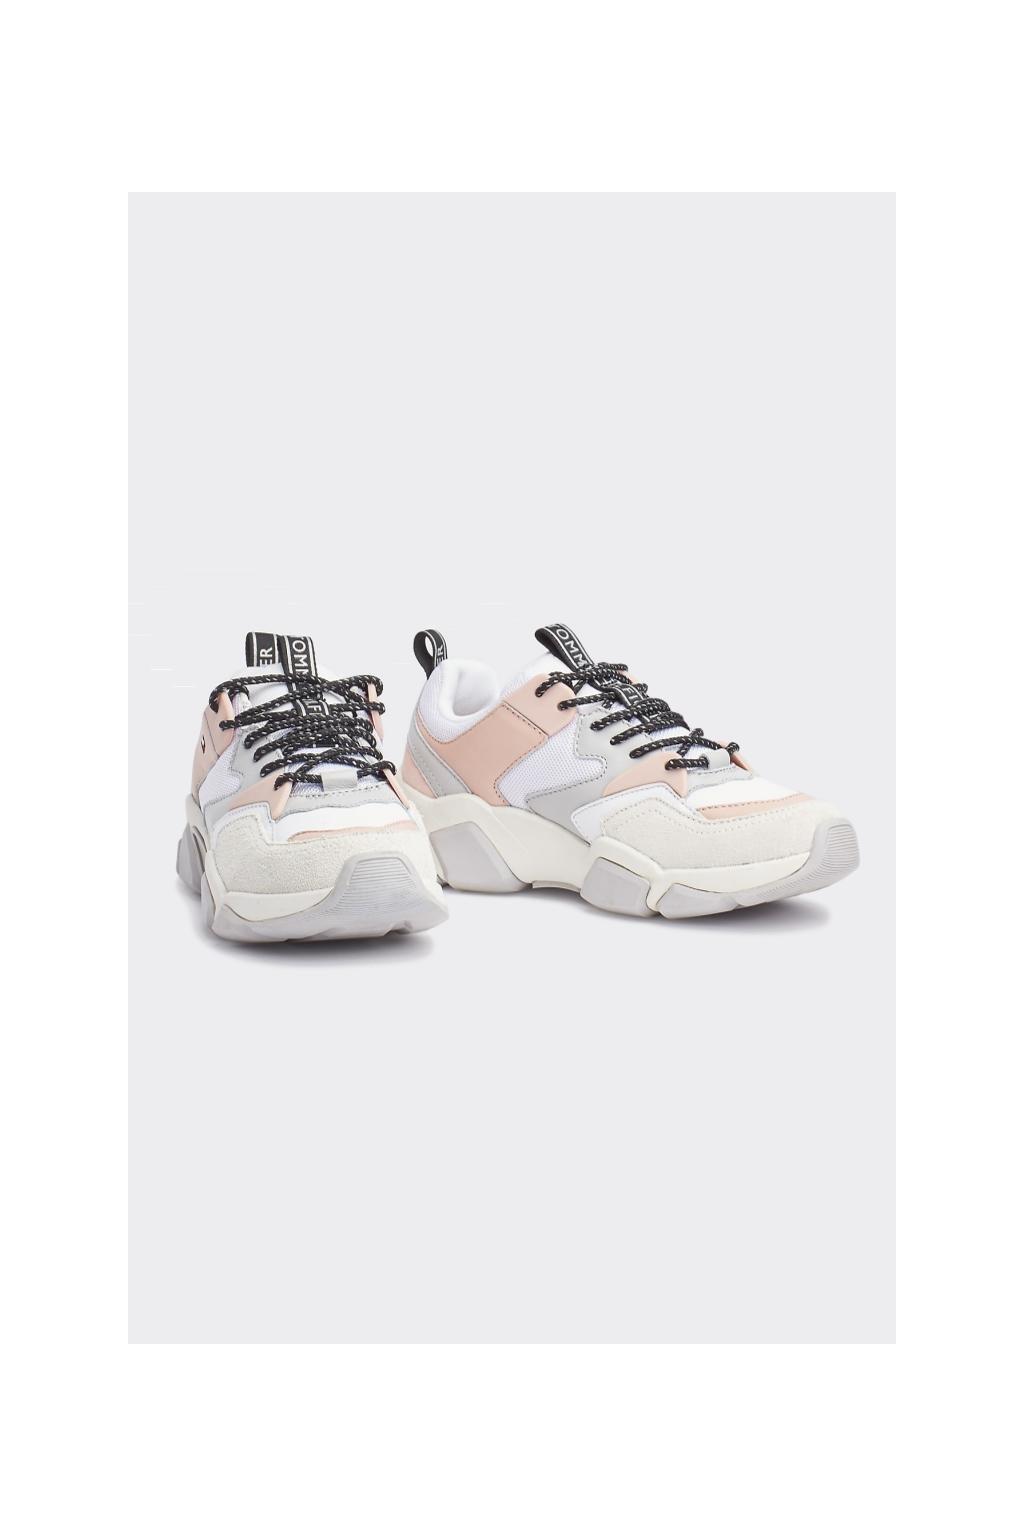 Tommy Hilfiger chunky sneakers - bílá, růžová